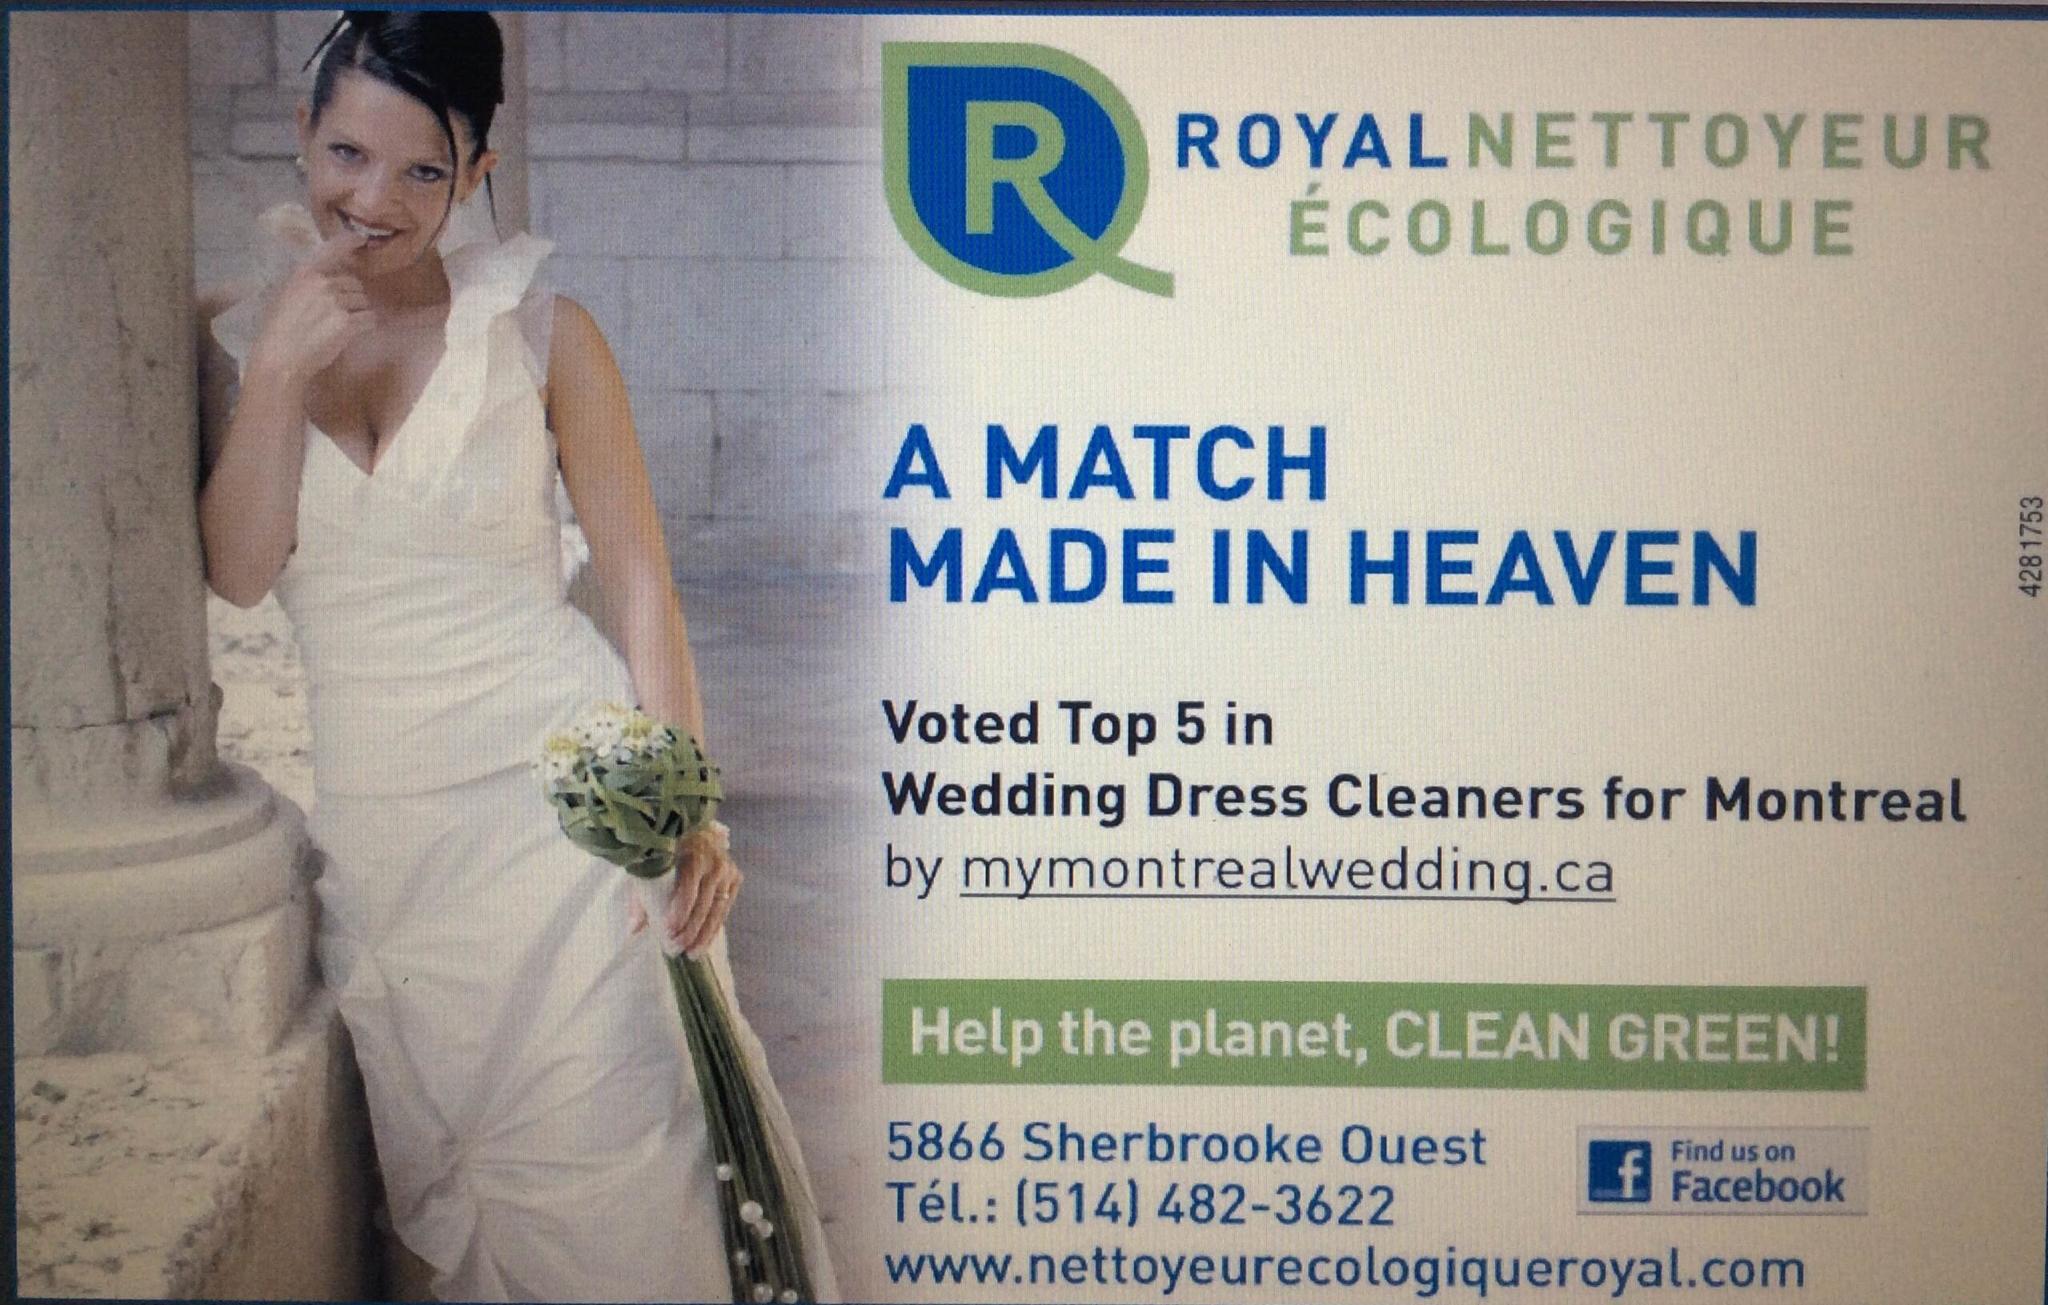 Nettoyeur Ecologique Royal à Montréal